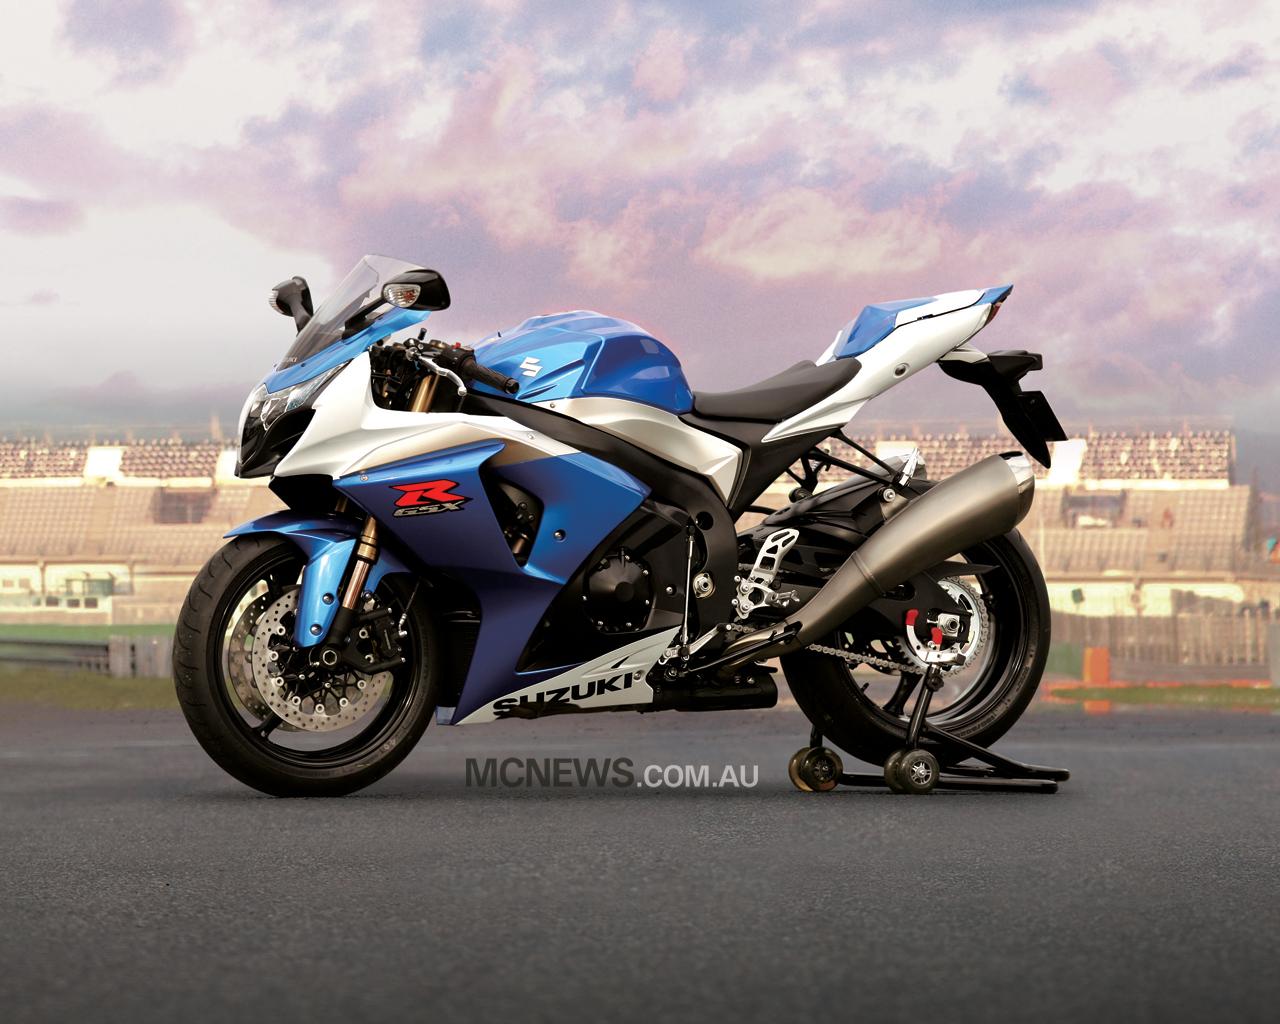 SUZUKI GS 1000 blue